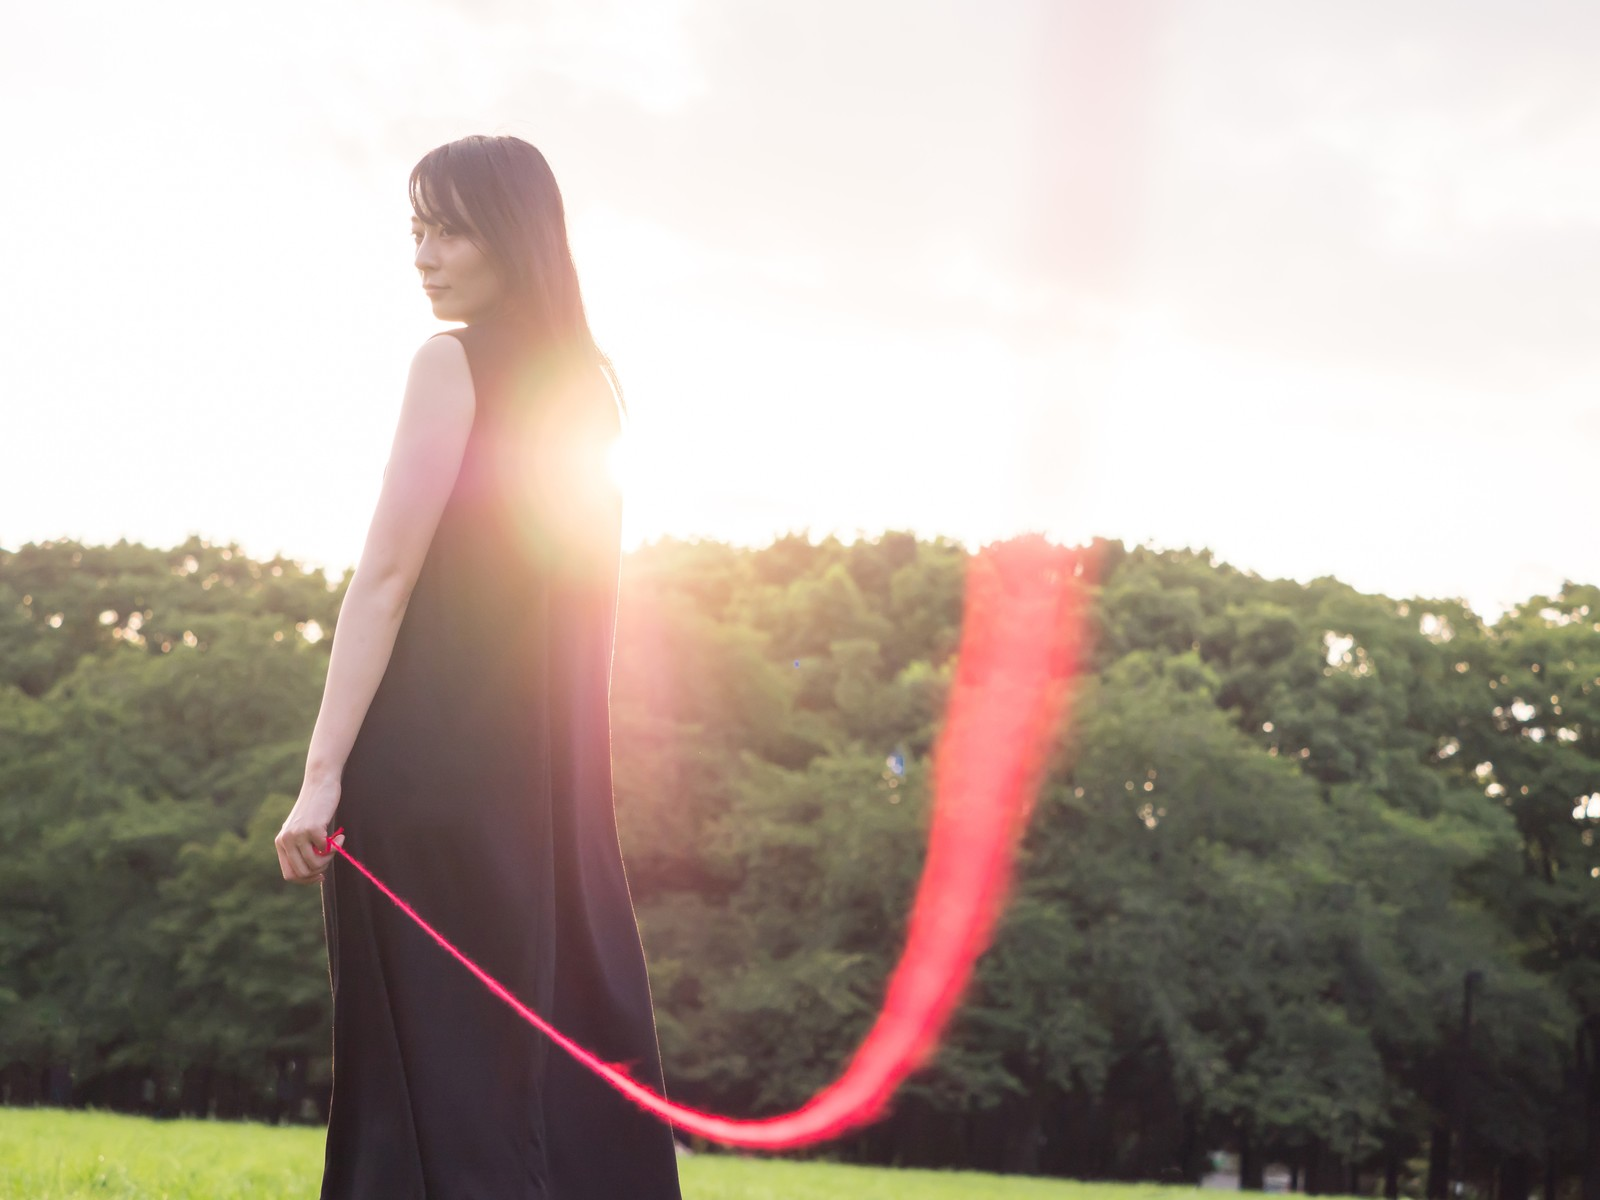 「私たちは赤い糸で結ばれているの(ウフフ)私たちは赤い糸で結ばれているの(ウフフ)」[モデル:たけべともこ]のフリー写真素材を拡大